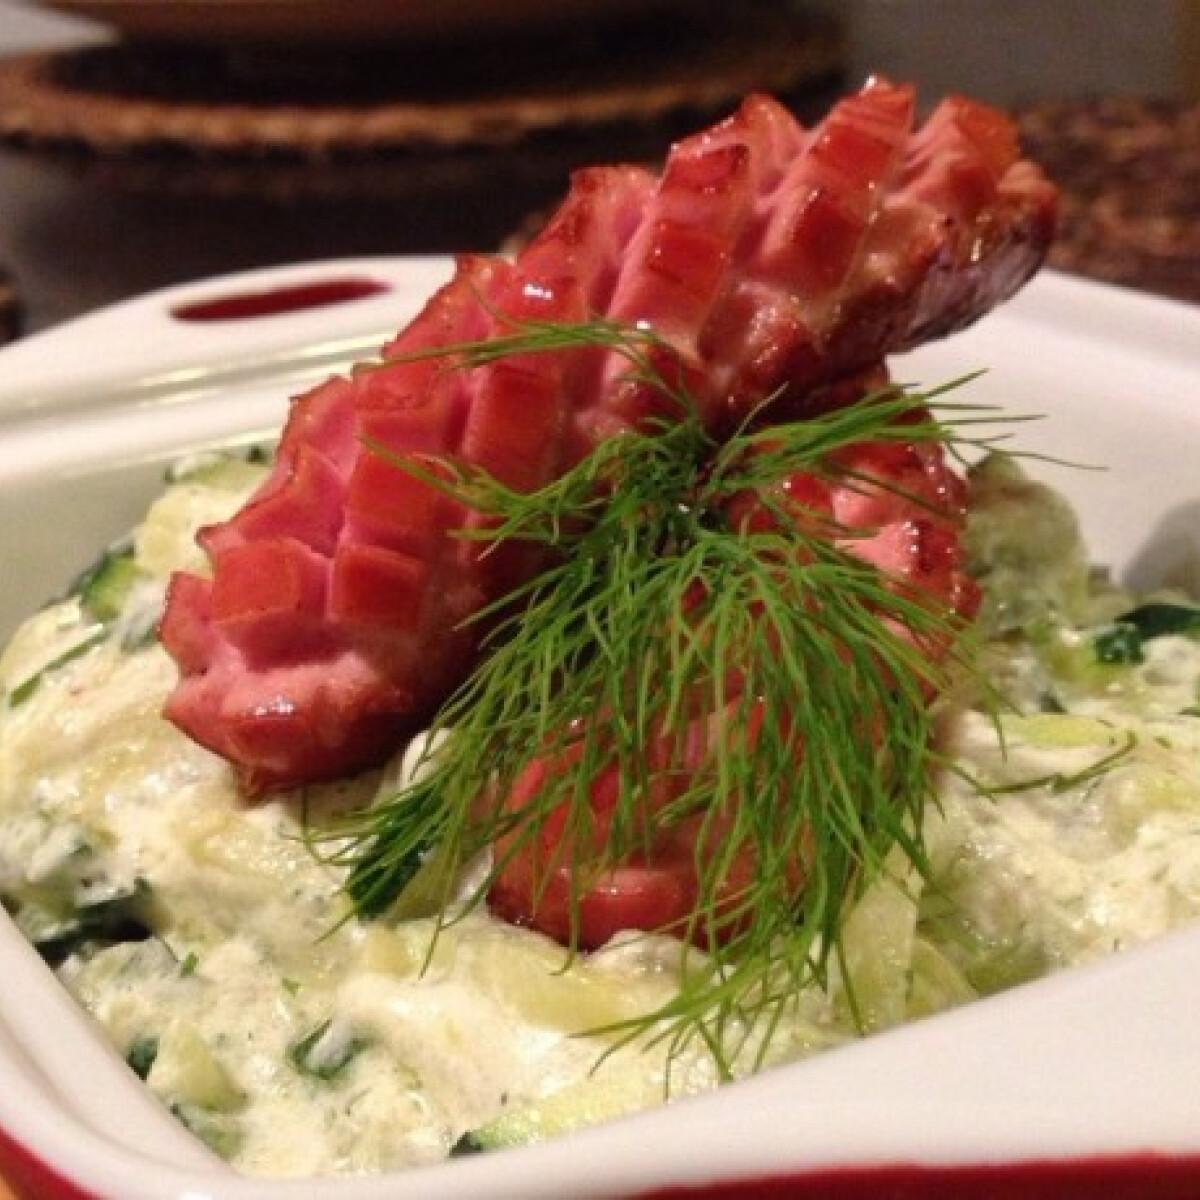 Cukkinifőzelék GastroHobbi konyhájából